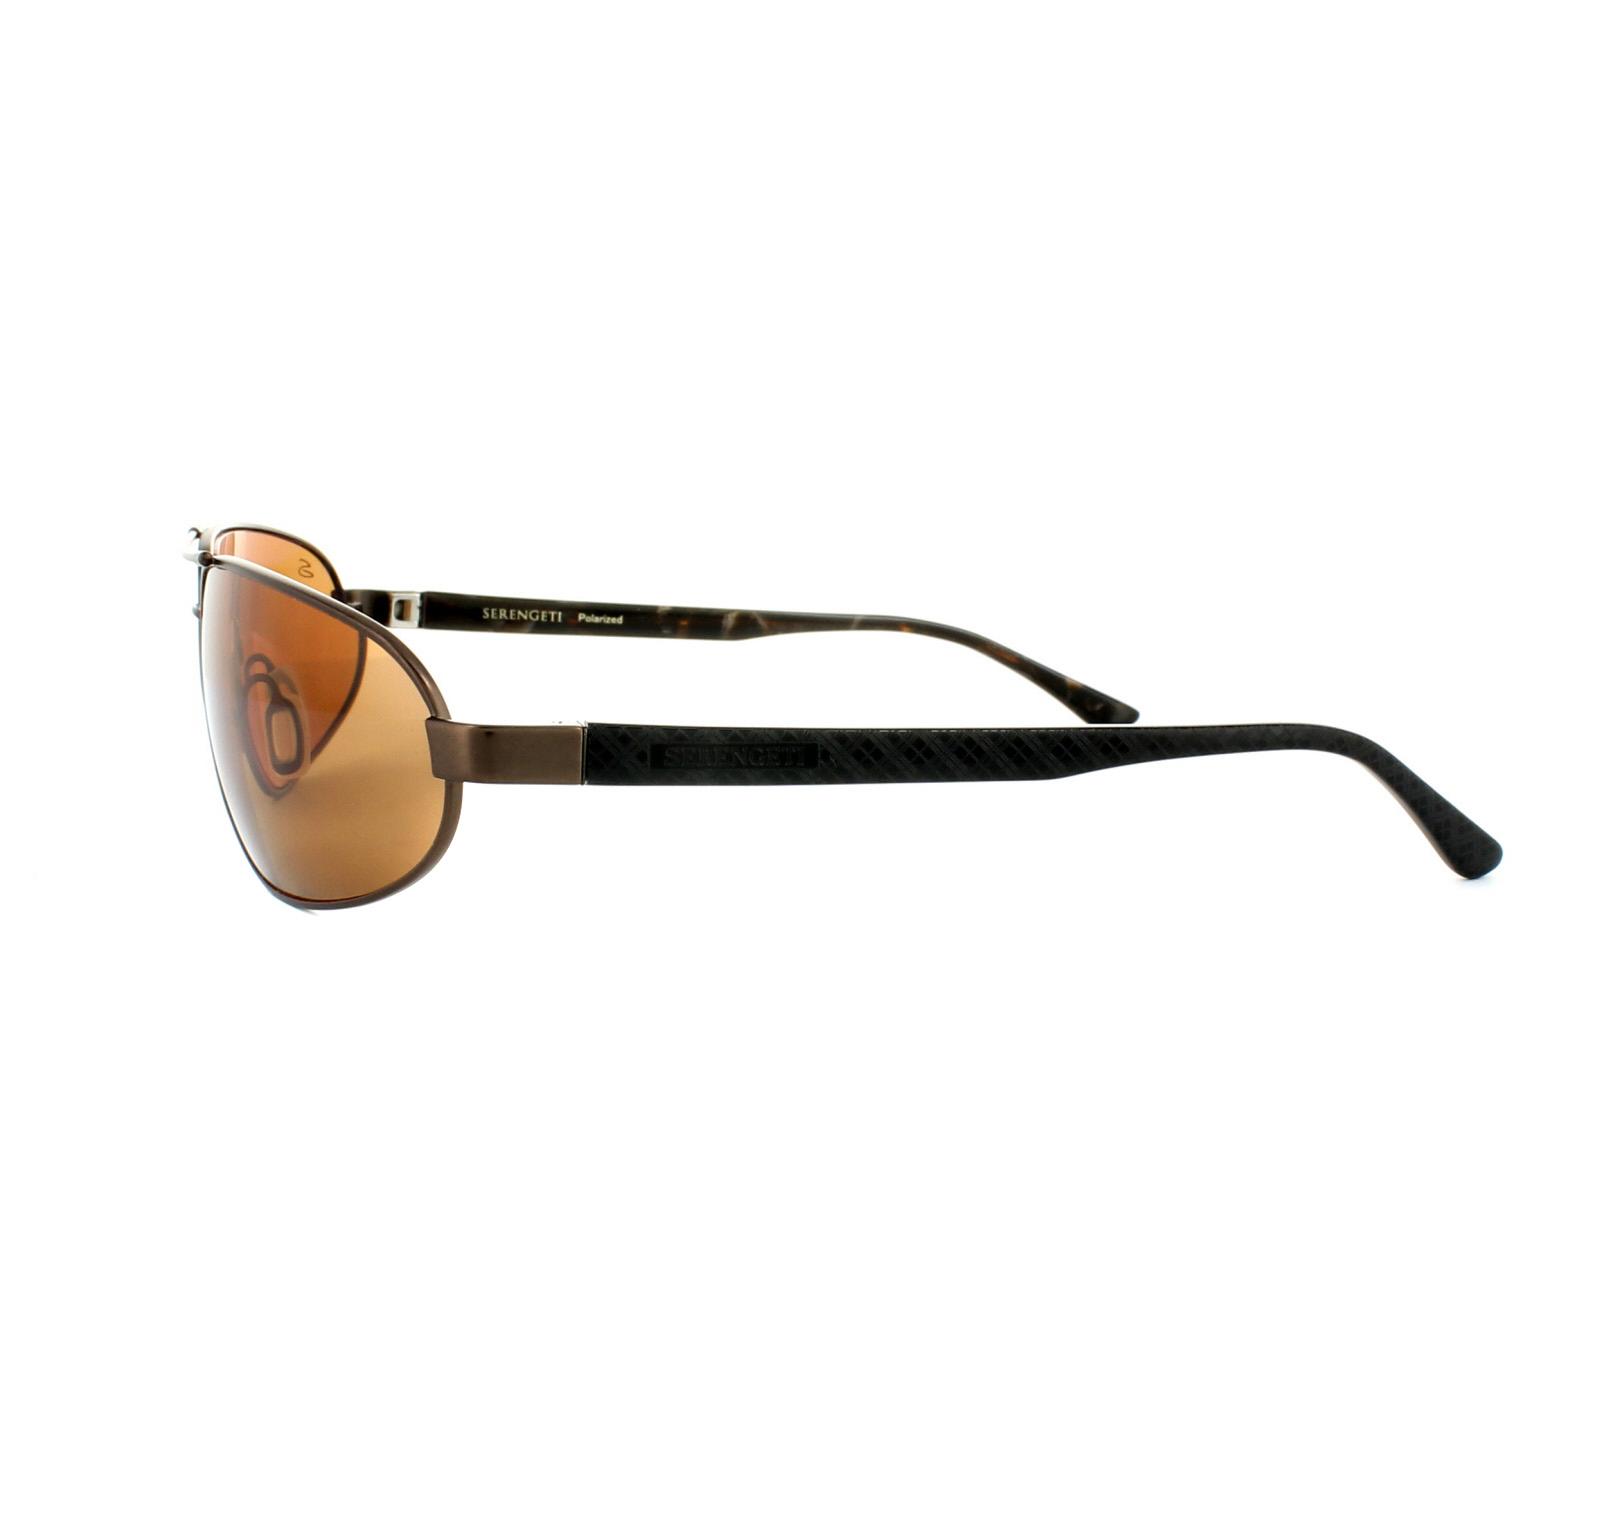 166e0738e4 Sentinel Serengeti Sunglasses Monza 7794 Satin Dark Brown PhD Drivers Brown  Polarized